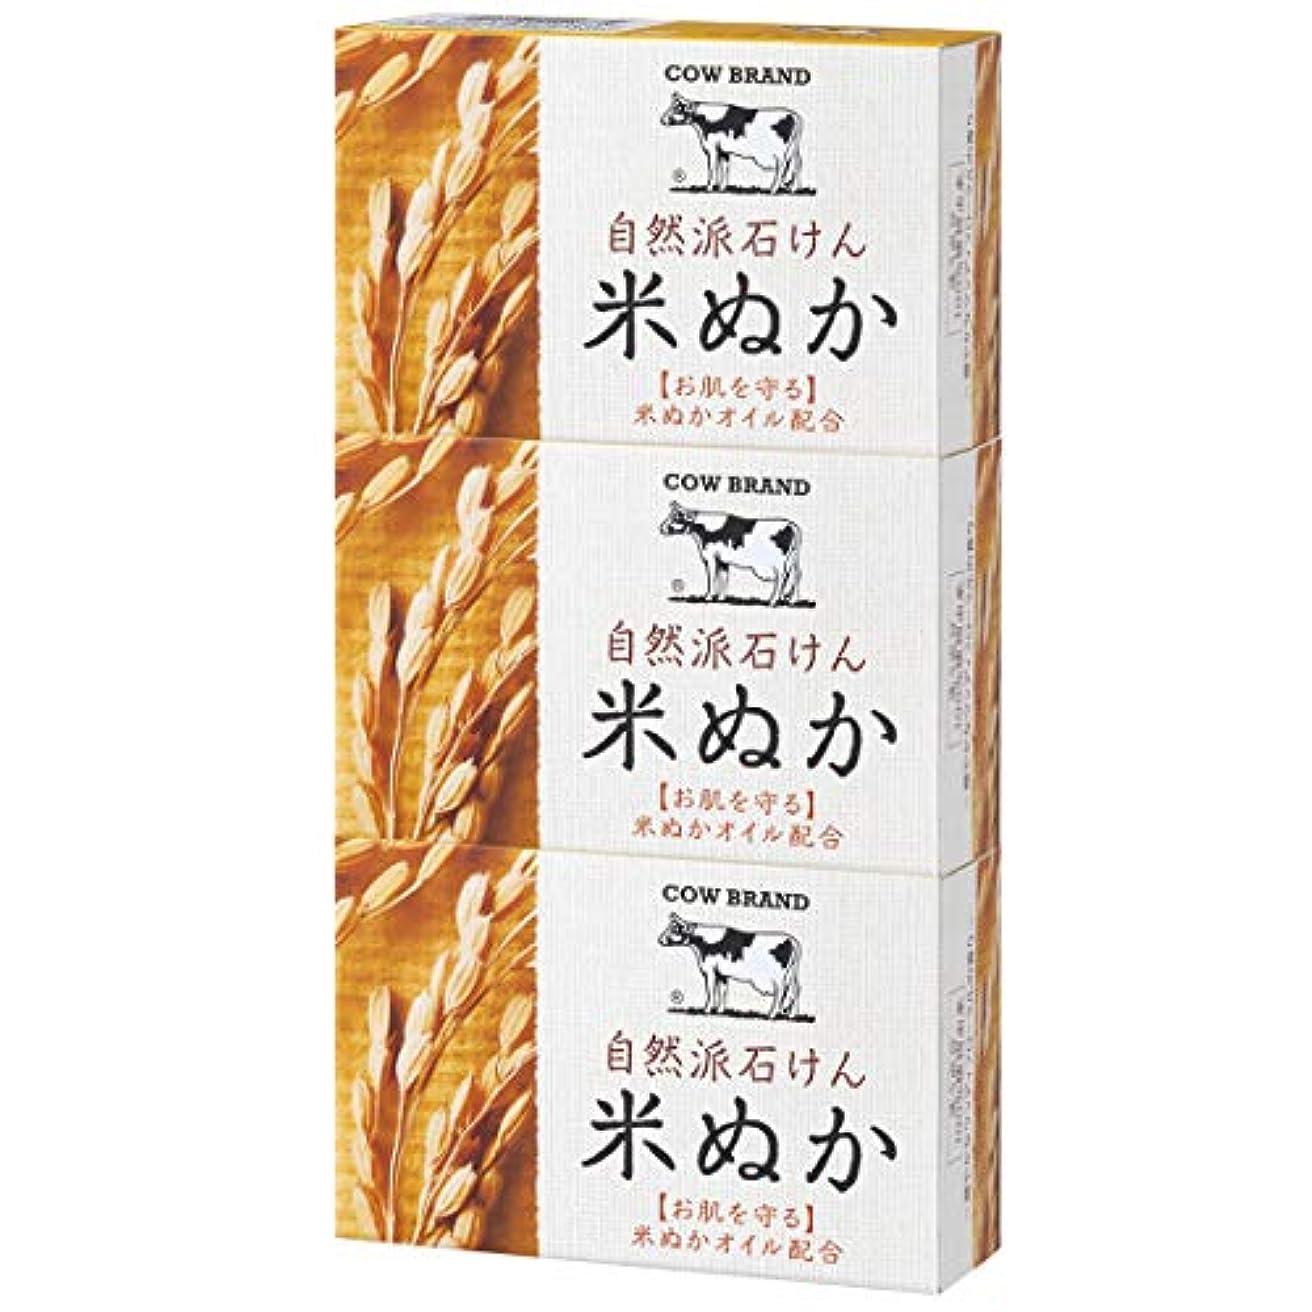 コンピューターを使用する鎮静剤揺れるカウブランド 自然派石けん 米ぬか 100g*3個